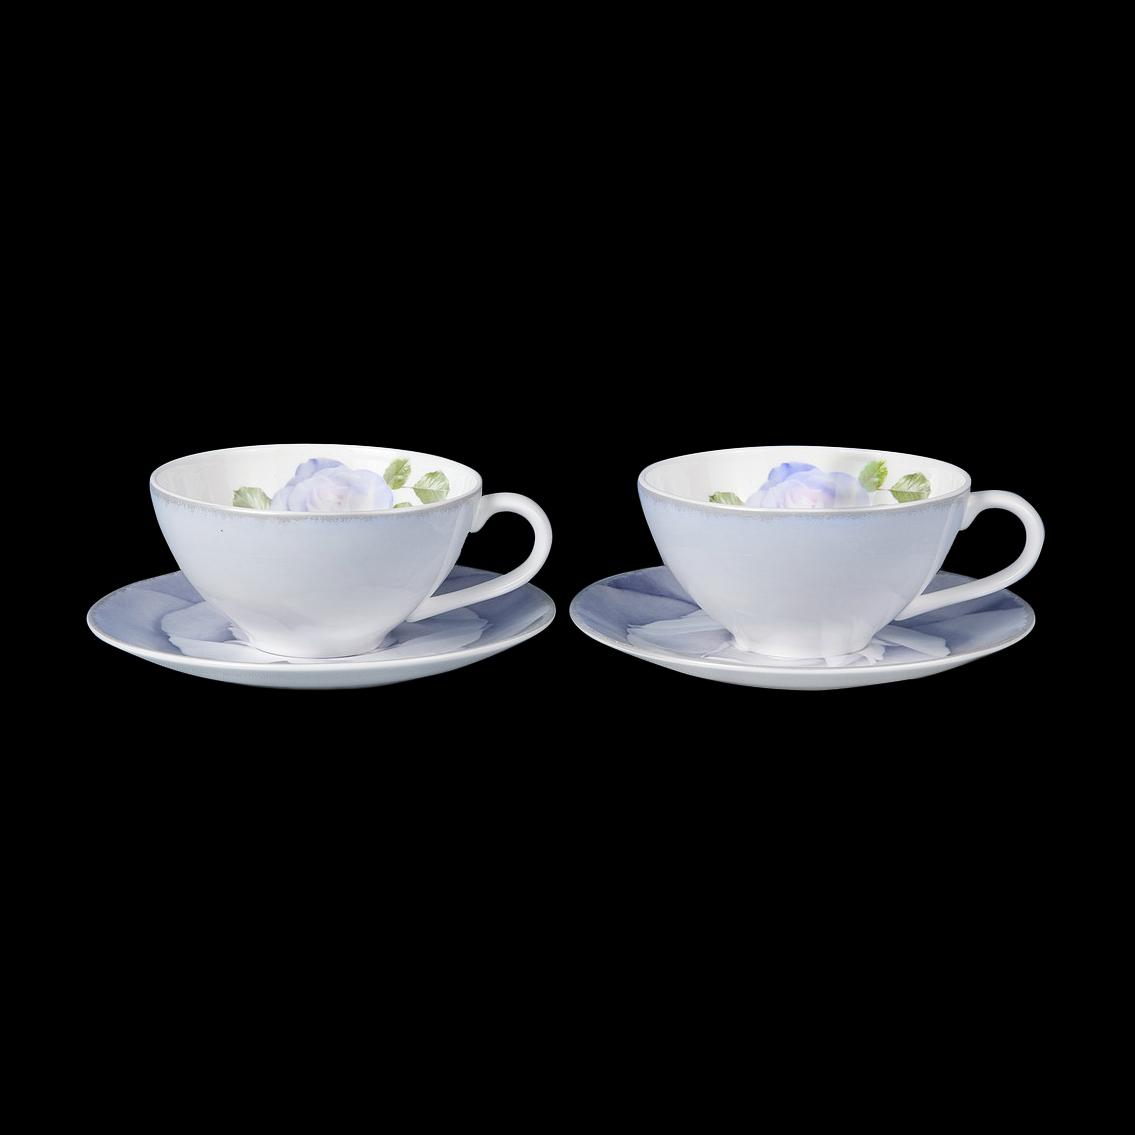 Набор чайный Hankook/Prouna Желес на 2 персоны